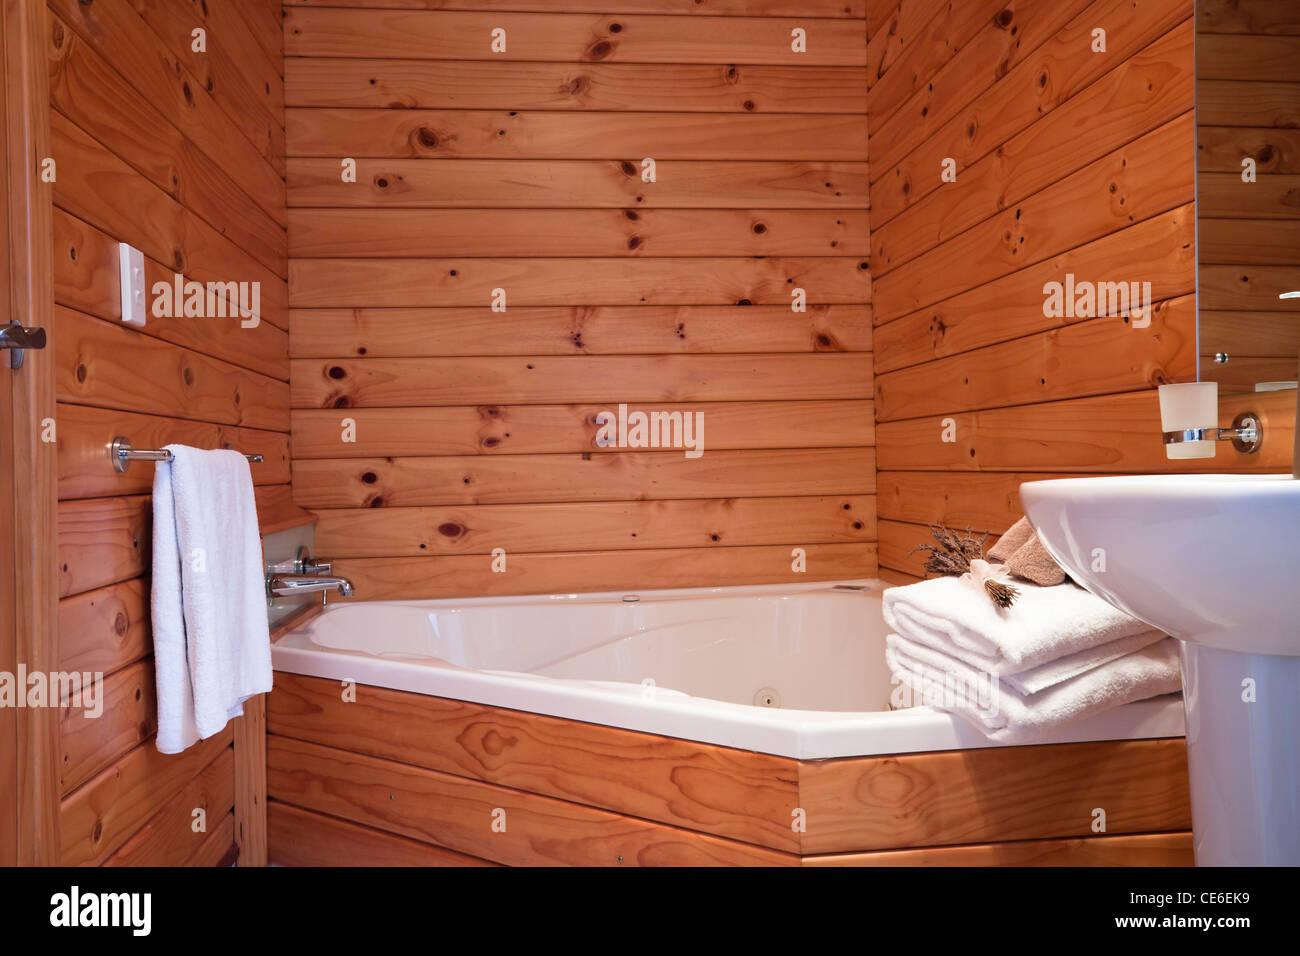 Salle de bains en bois en intérieur appartement chalet de montagne ...